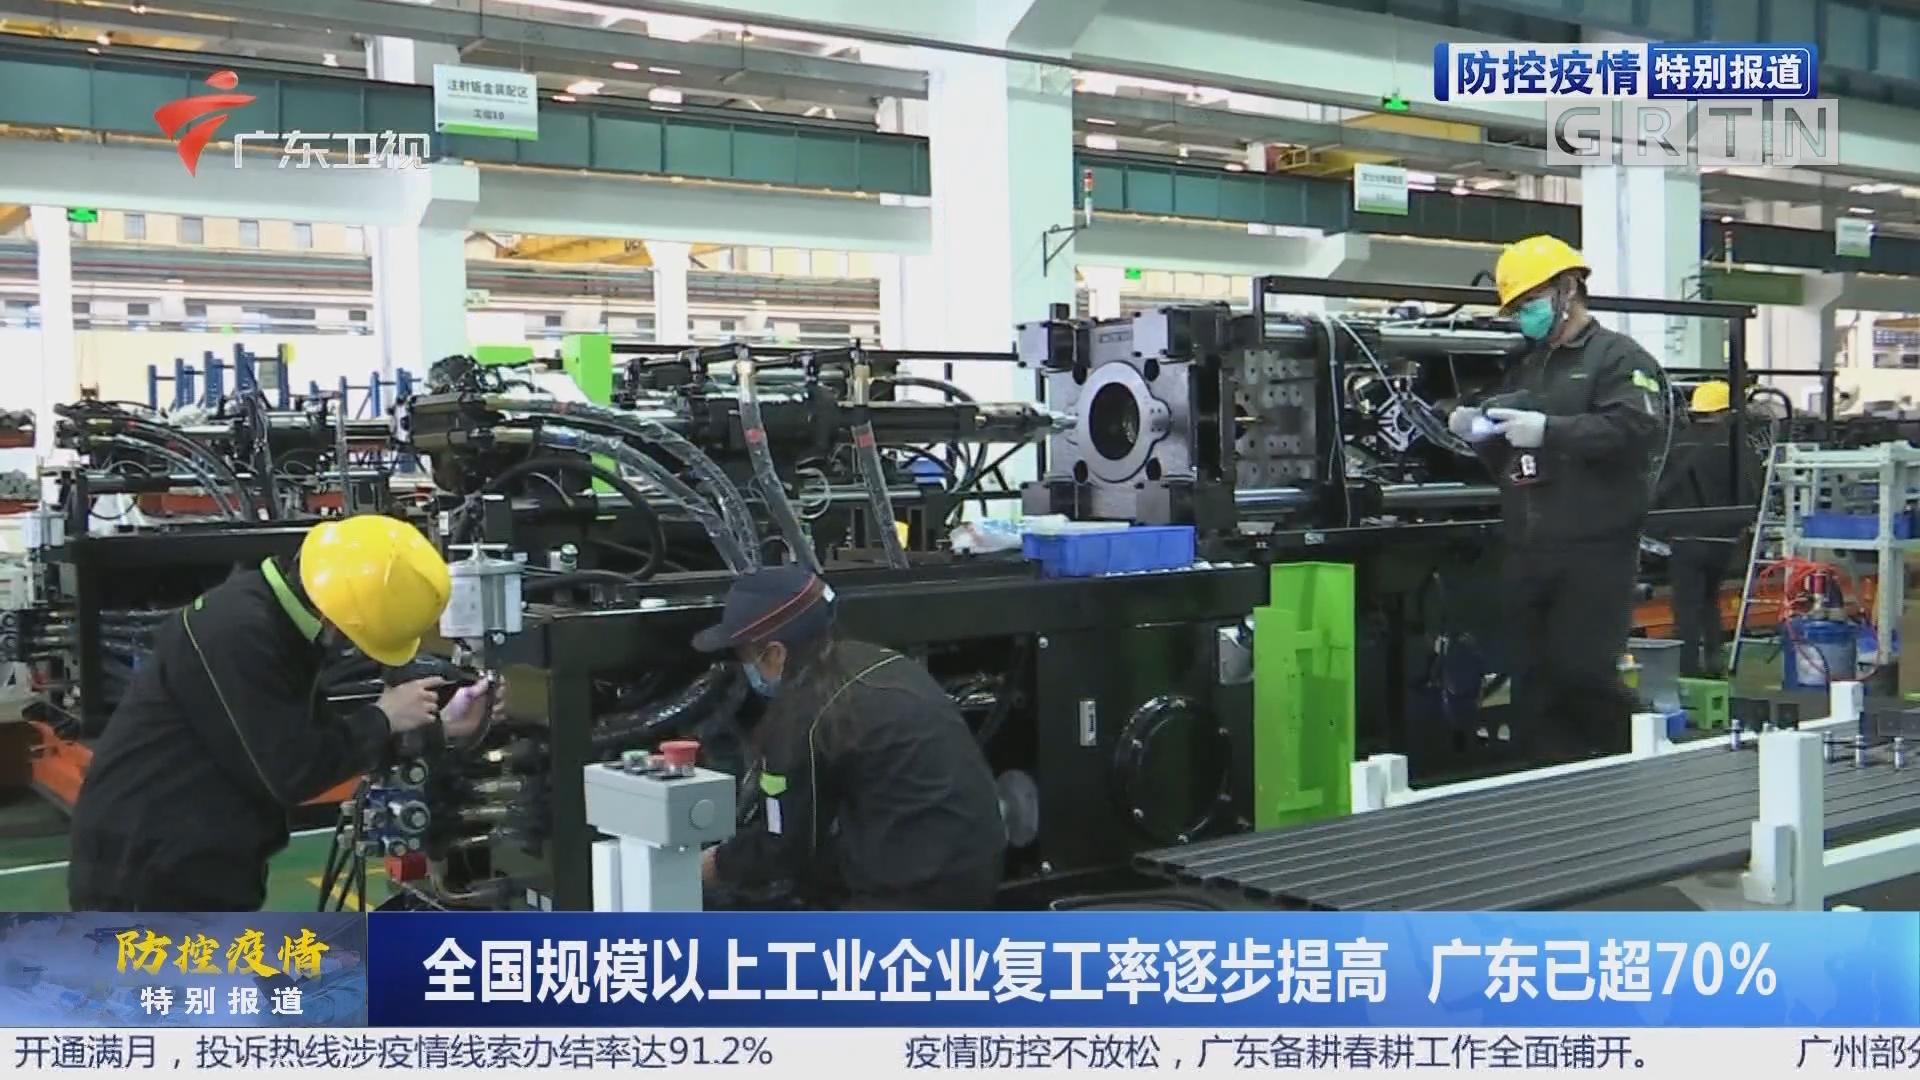 全國規模以上工業企業復工率逐步提高 廣東已超70%